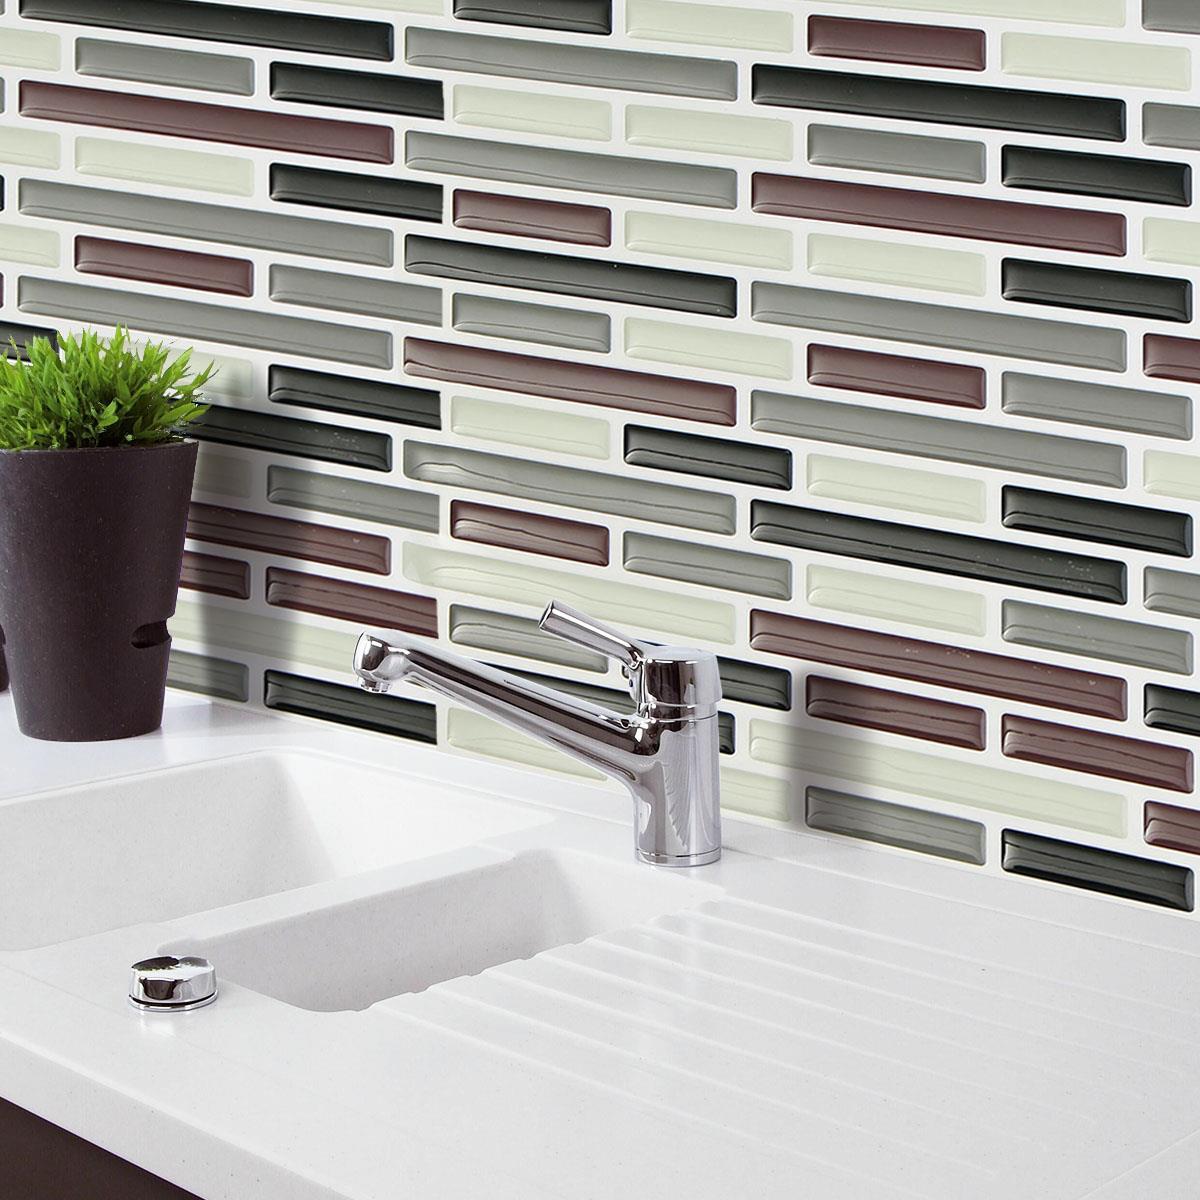 azulejo de mosaico pegatinas pvc etiqueta de la pared bao cocina etiqueta de la pared decoracin